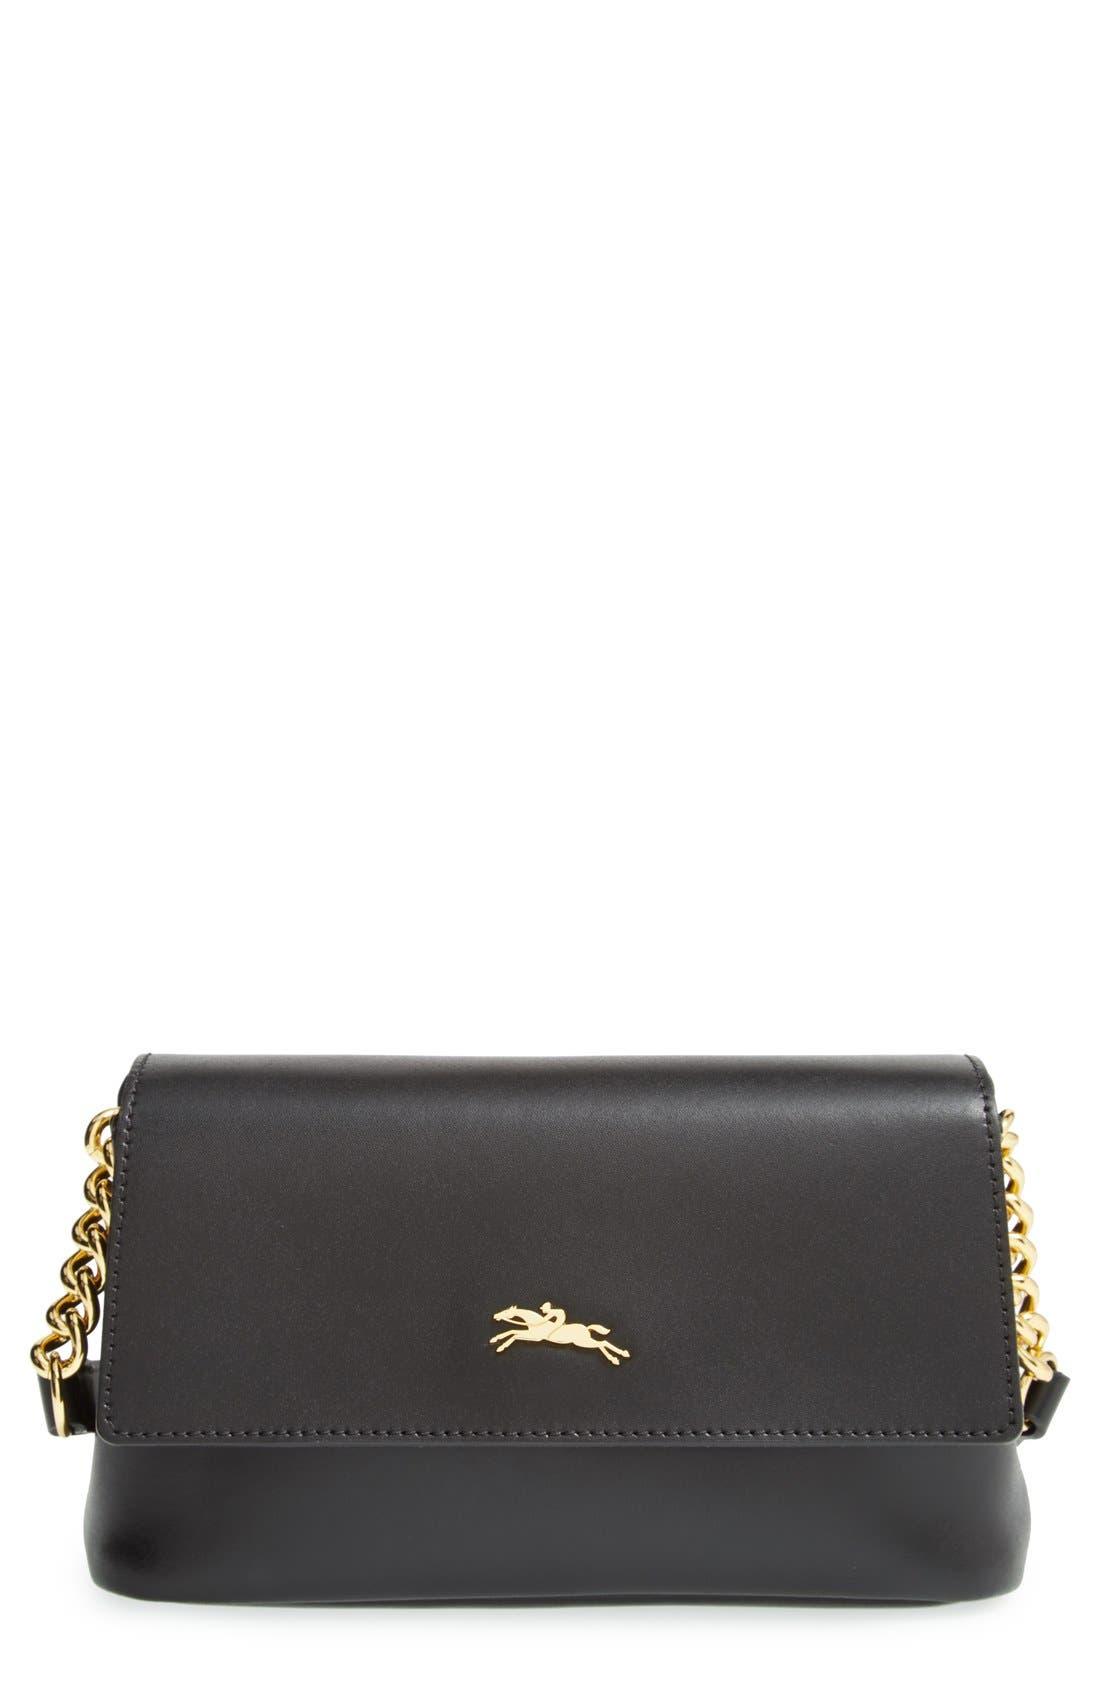 Alternate Image 1 Selected - Longchamp 'Honore' Crossbody Bag